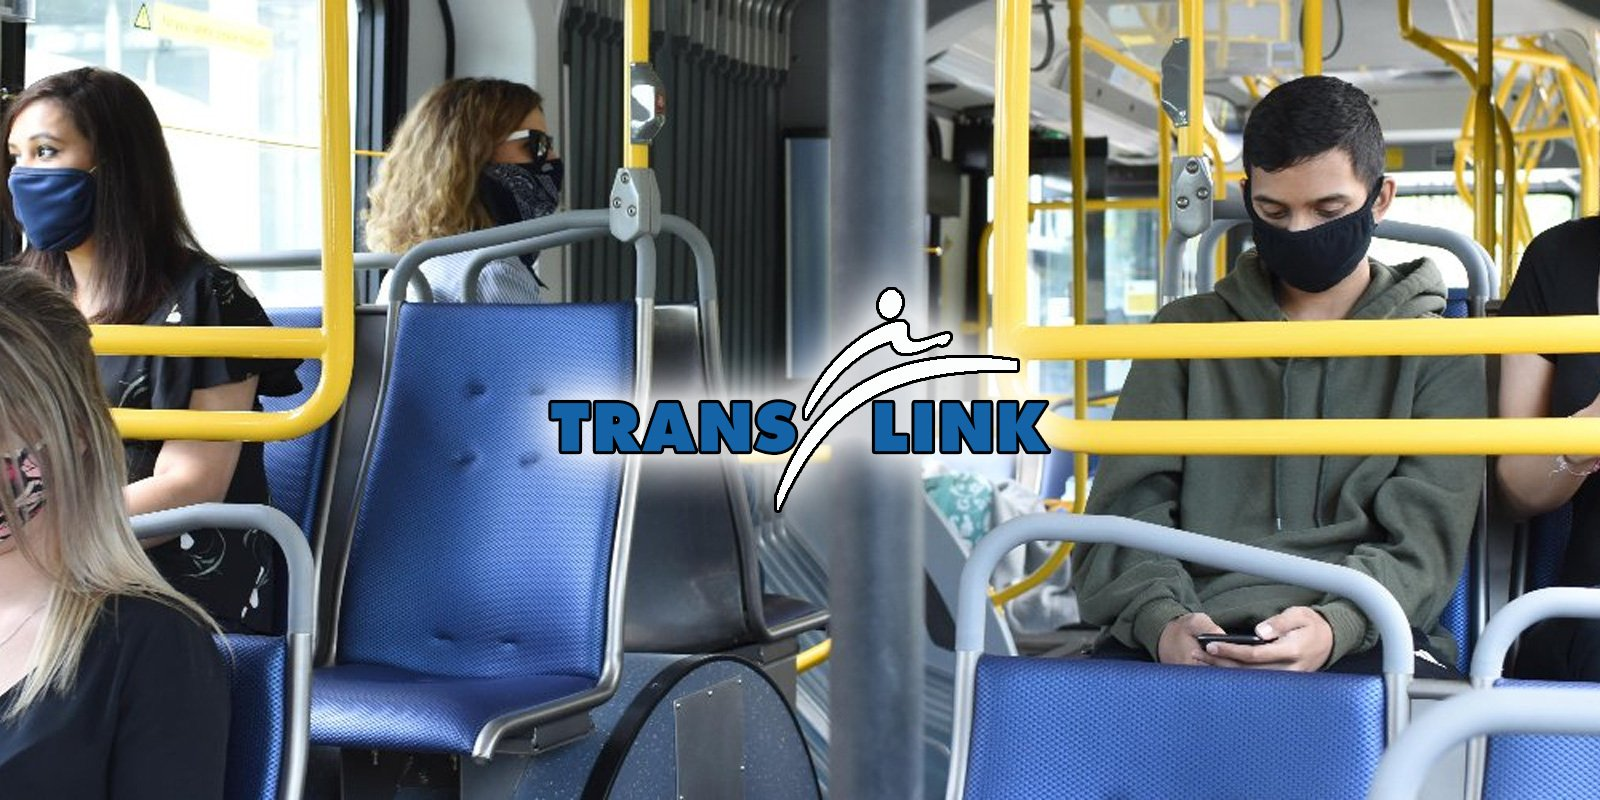 TransLink, el sistema de tránsito de Metro Vancouver, afectado por el ransomware Egregor